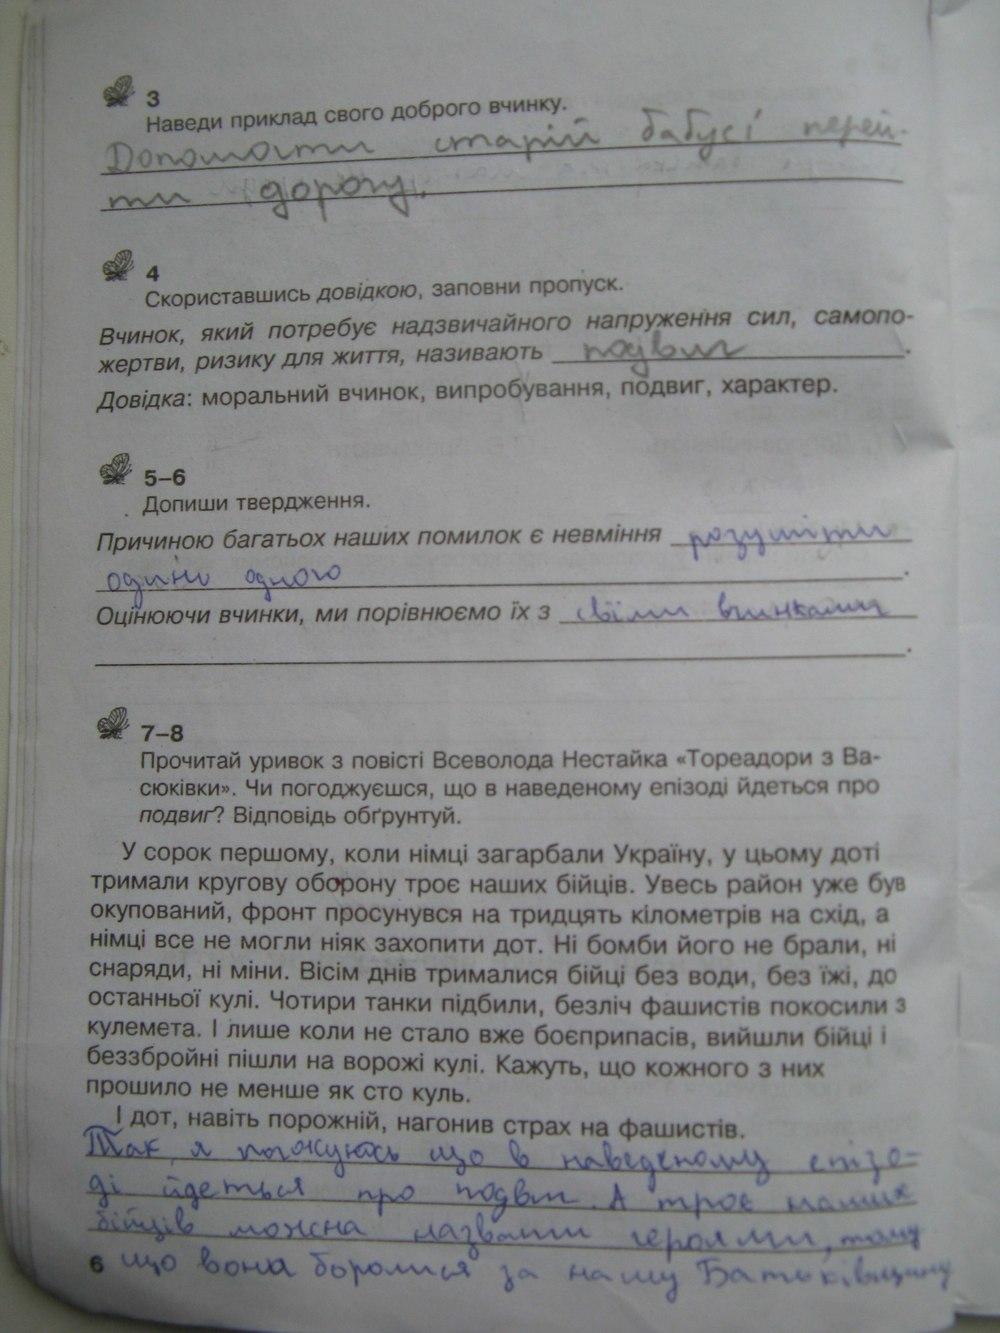 Гдз для зошита з етики на 6 клас оксана данилевська